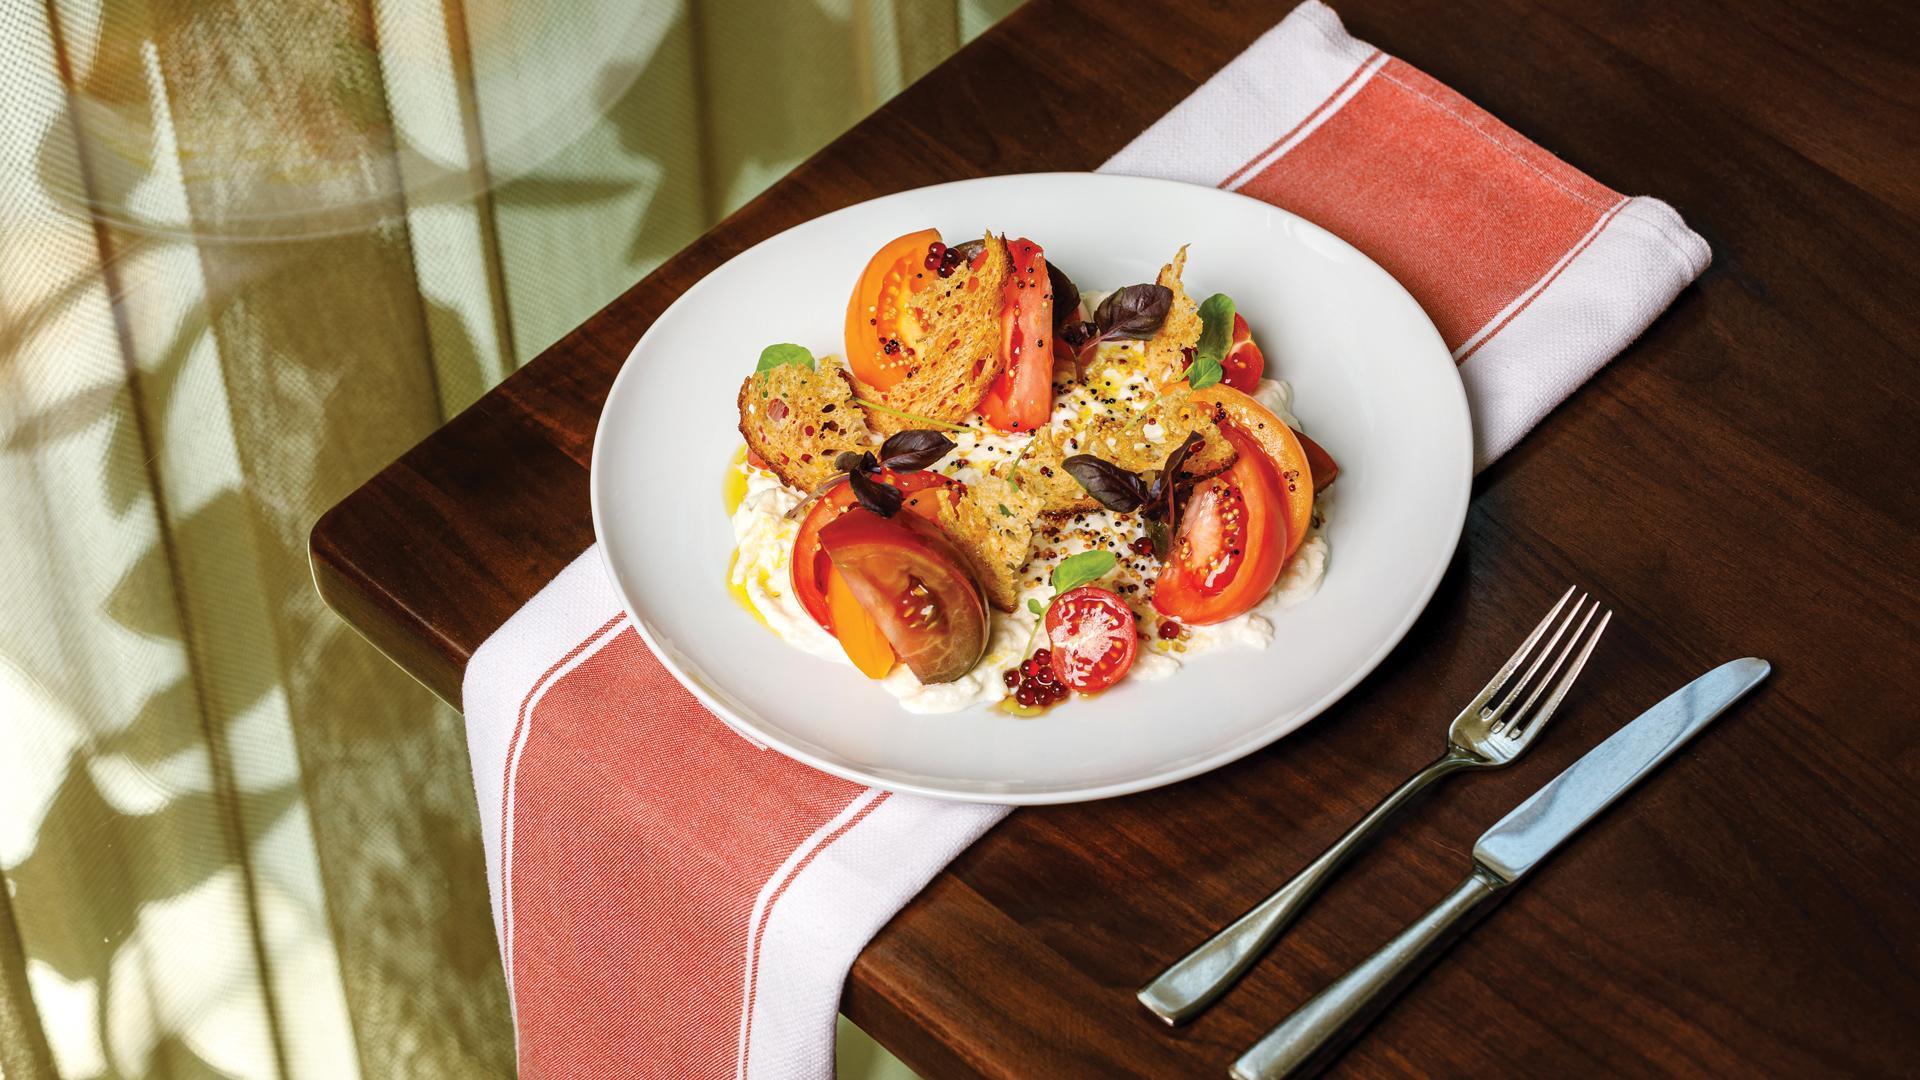 Picnic recipes: Café Boulud's Stracciatella  Tomato Salad